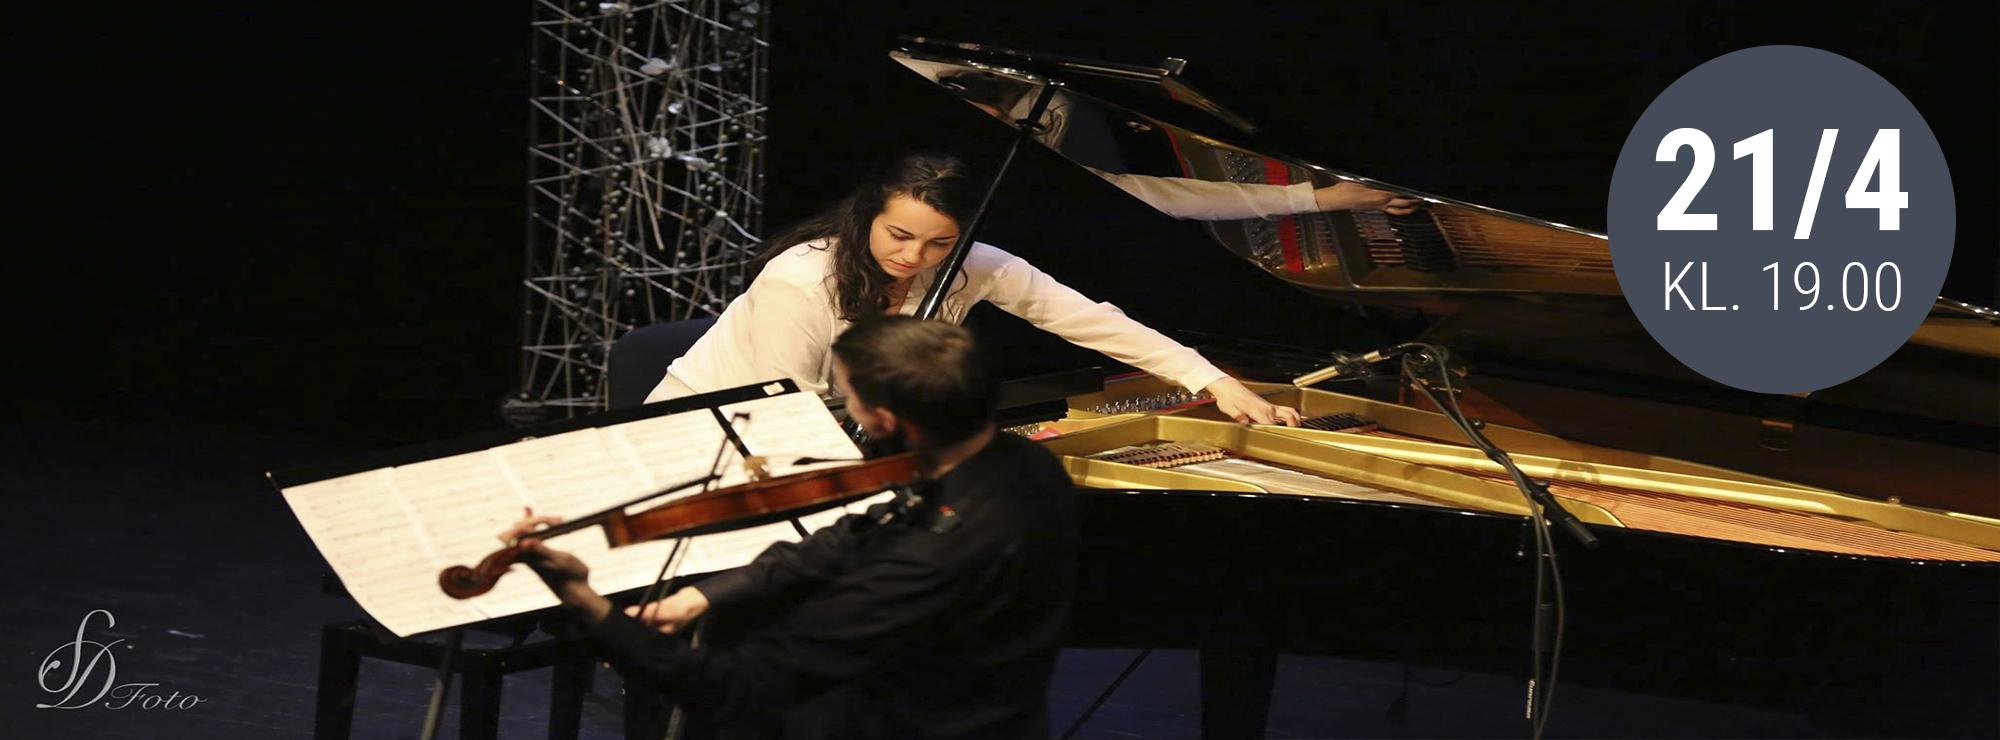 Norsjø Kammermusikkfest: Familiekonsert-Avslutningskonsert